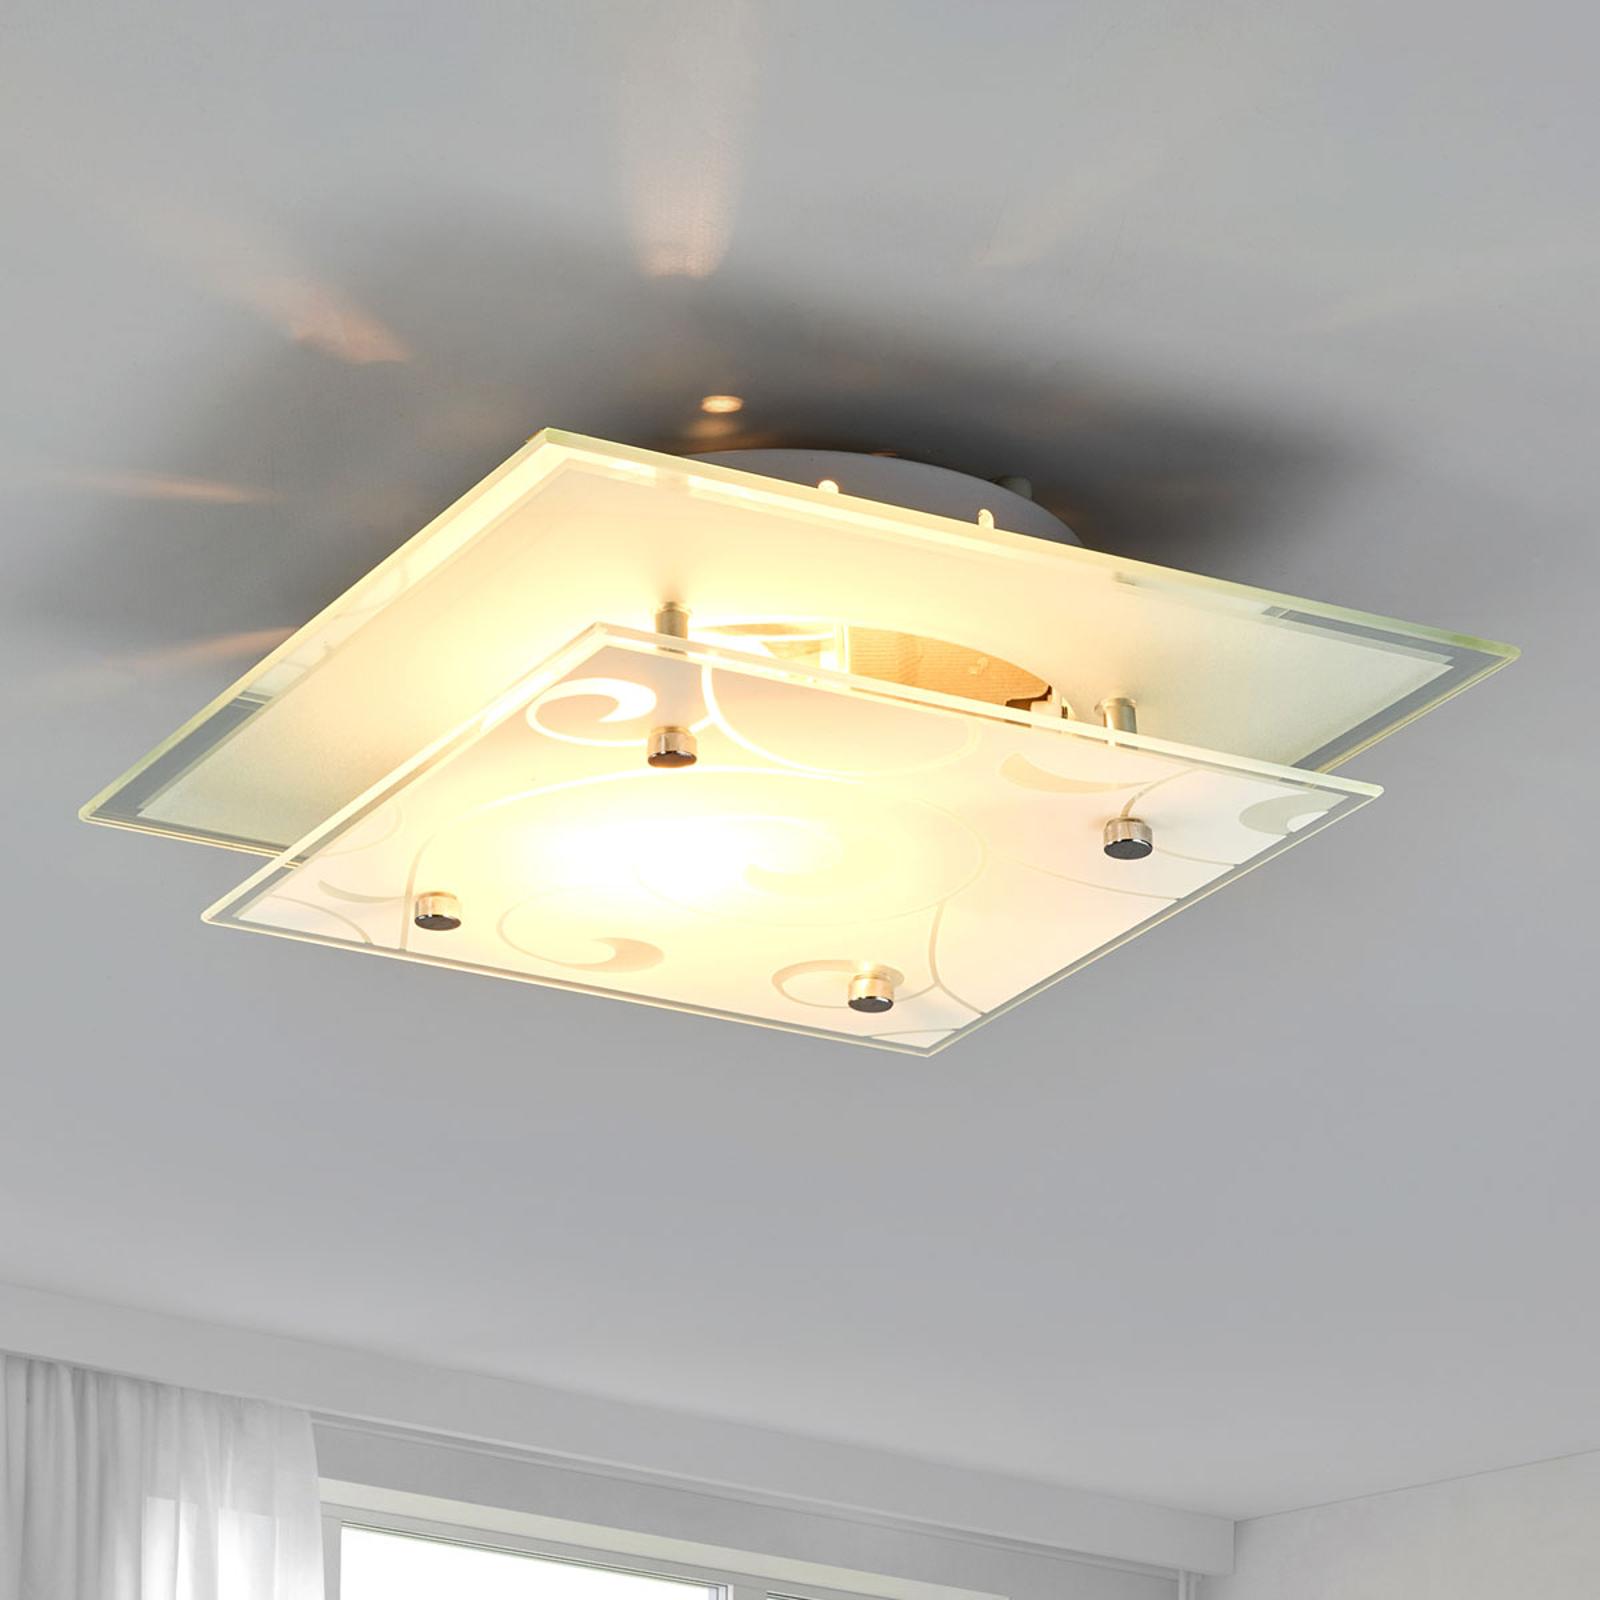 Globo taklampa eleganta Globolampor till taket | Lampkultur.se